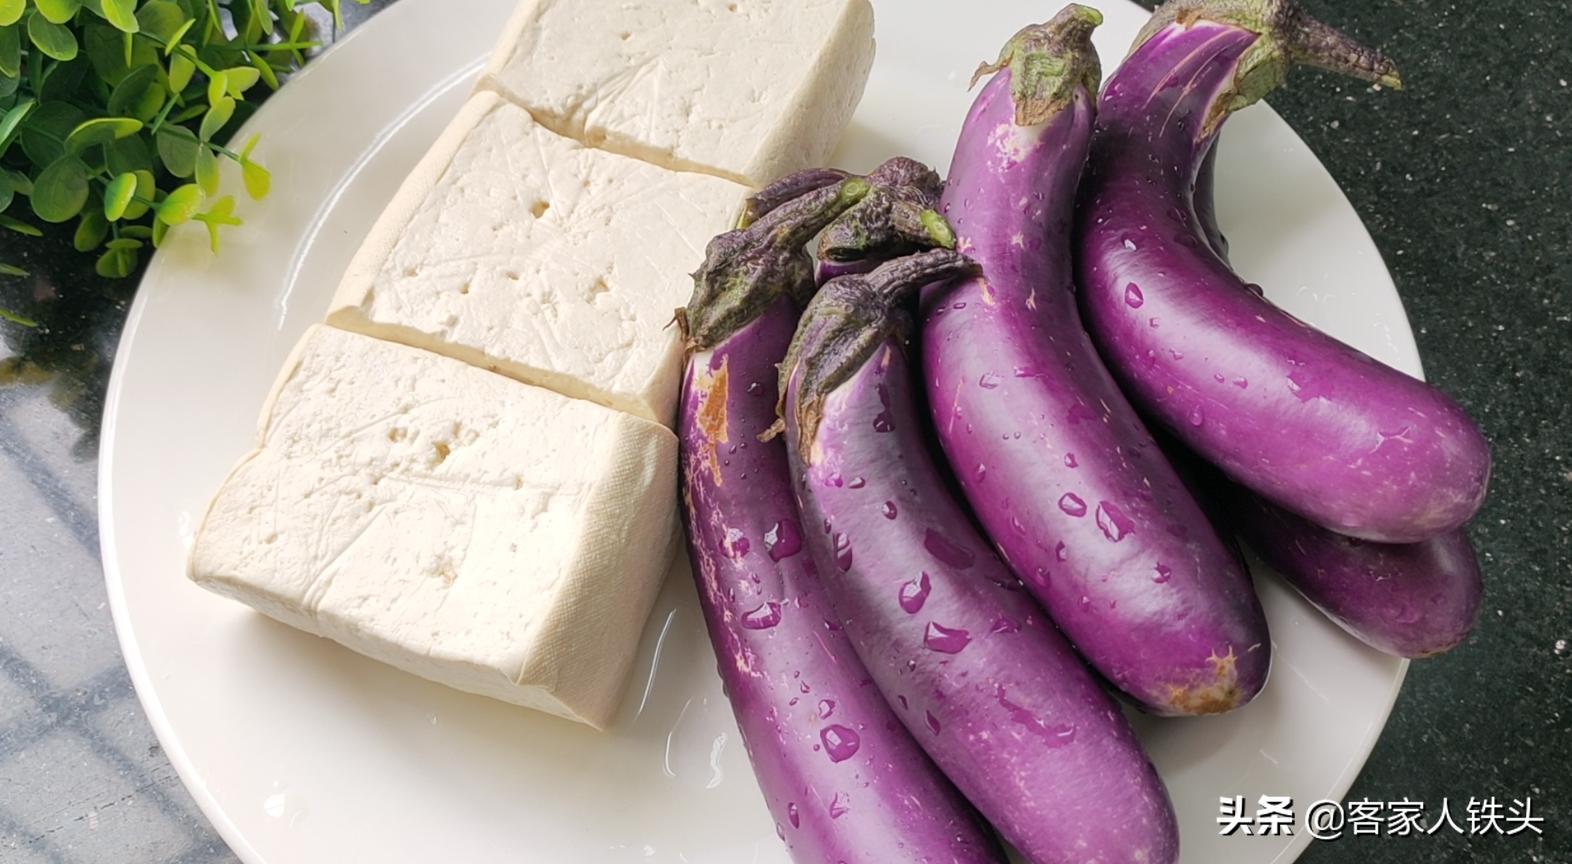 烫破嘴皮都要吃的豆腐煲,加上7个茄子,好吃不油腻,喷香又下饭